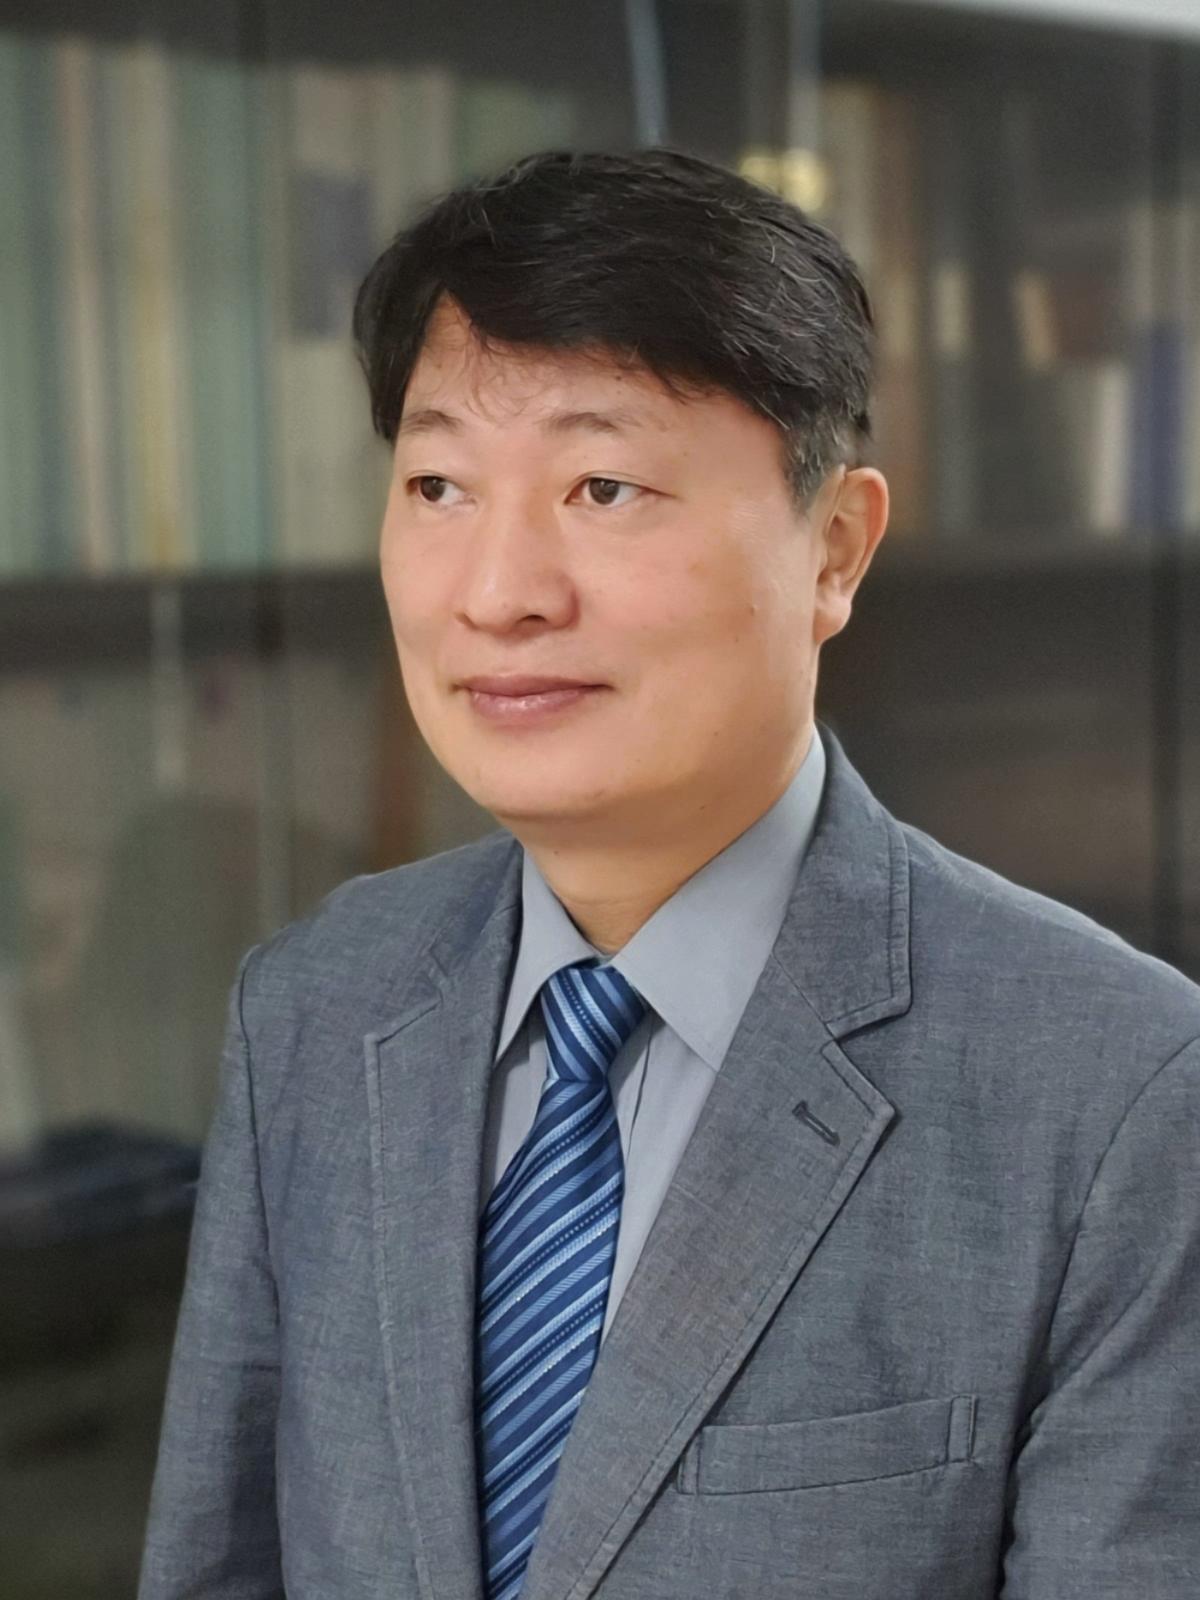 정준 교수 증명사진